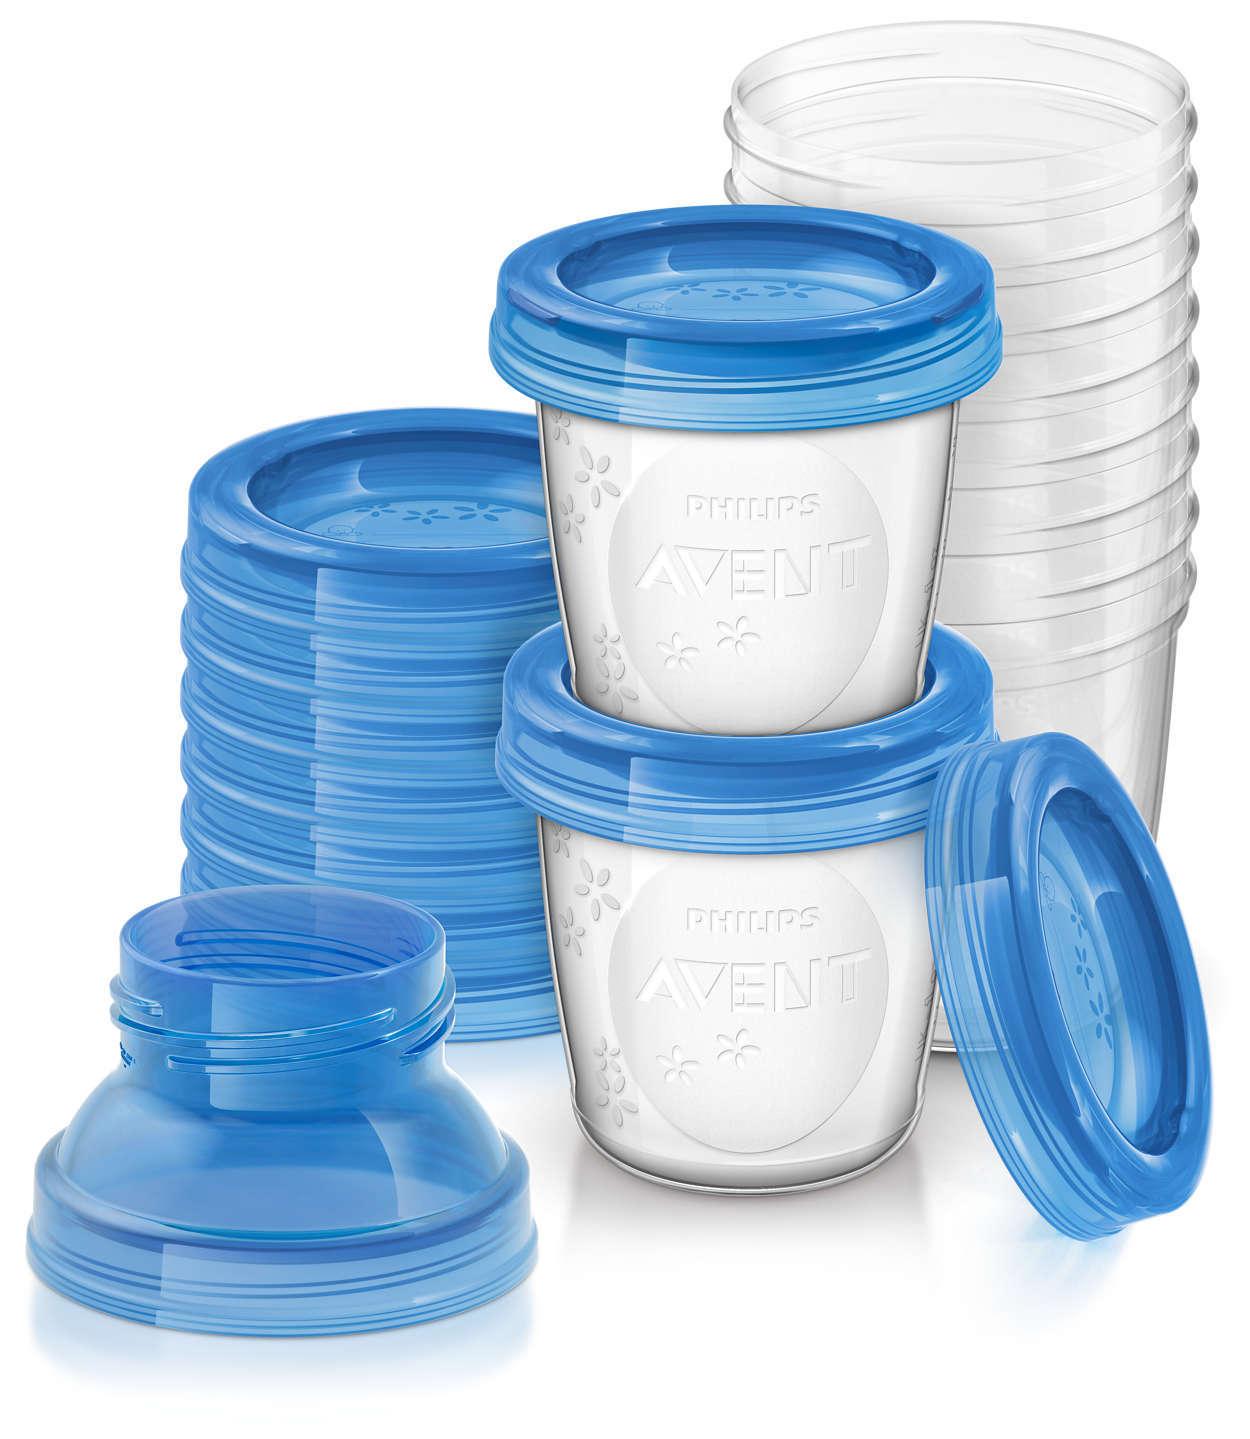 Контейнеры для хранения грудного молока AVENT (SCF618/10) фото 1